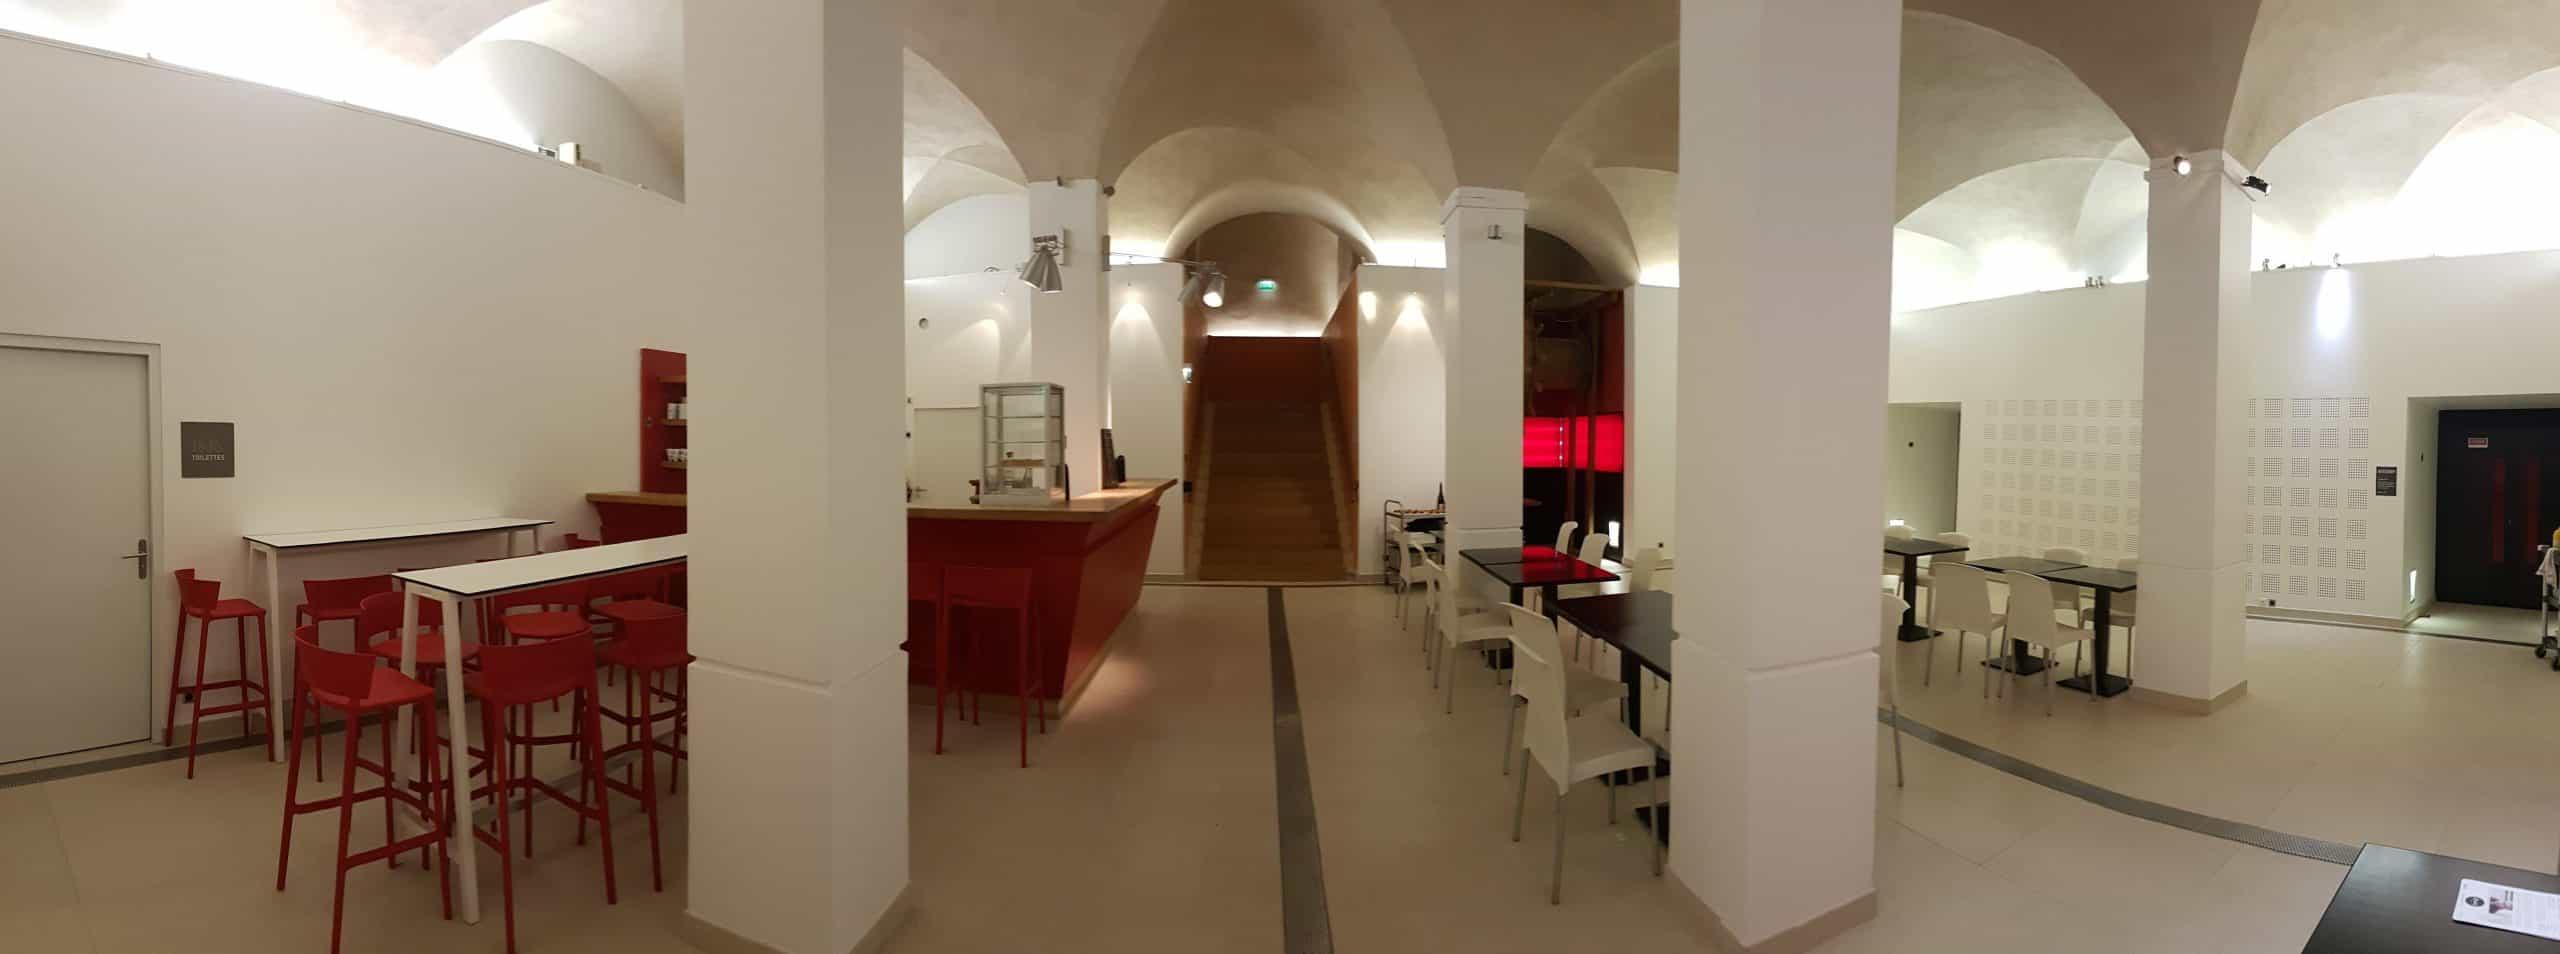 letourdi bar restaurant théâtre des célestins niveau 1 3 scaled